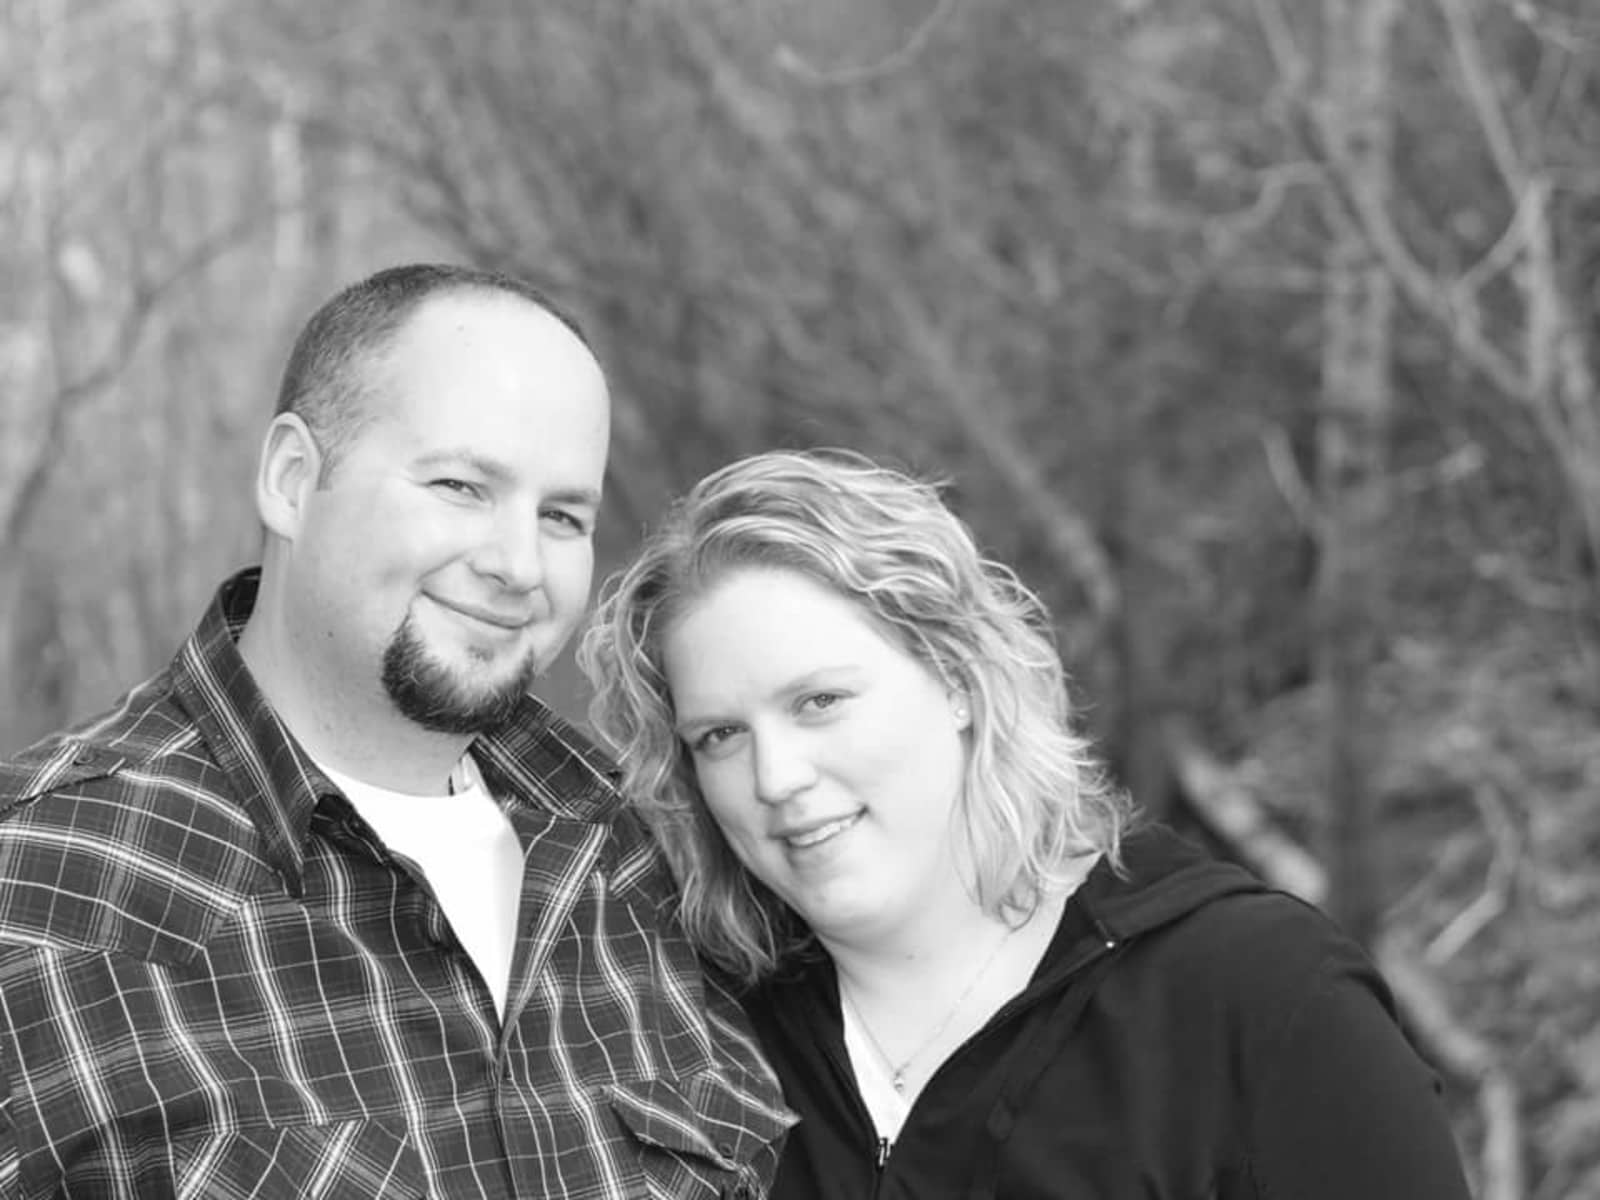 Jill & Silvester from Edmonton, Alberta, Canada